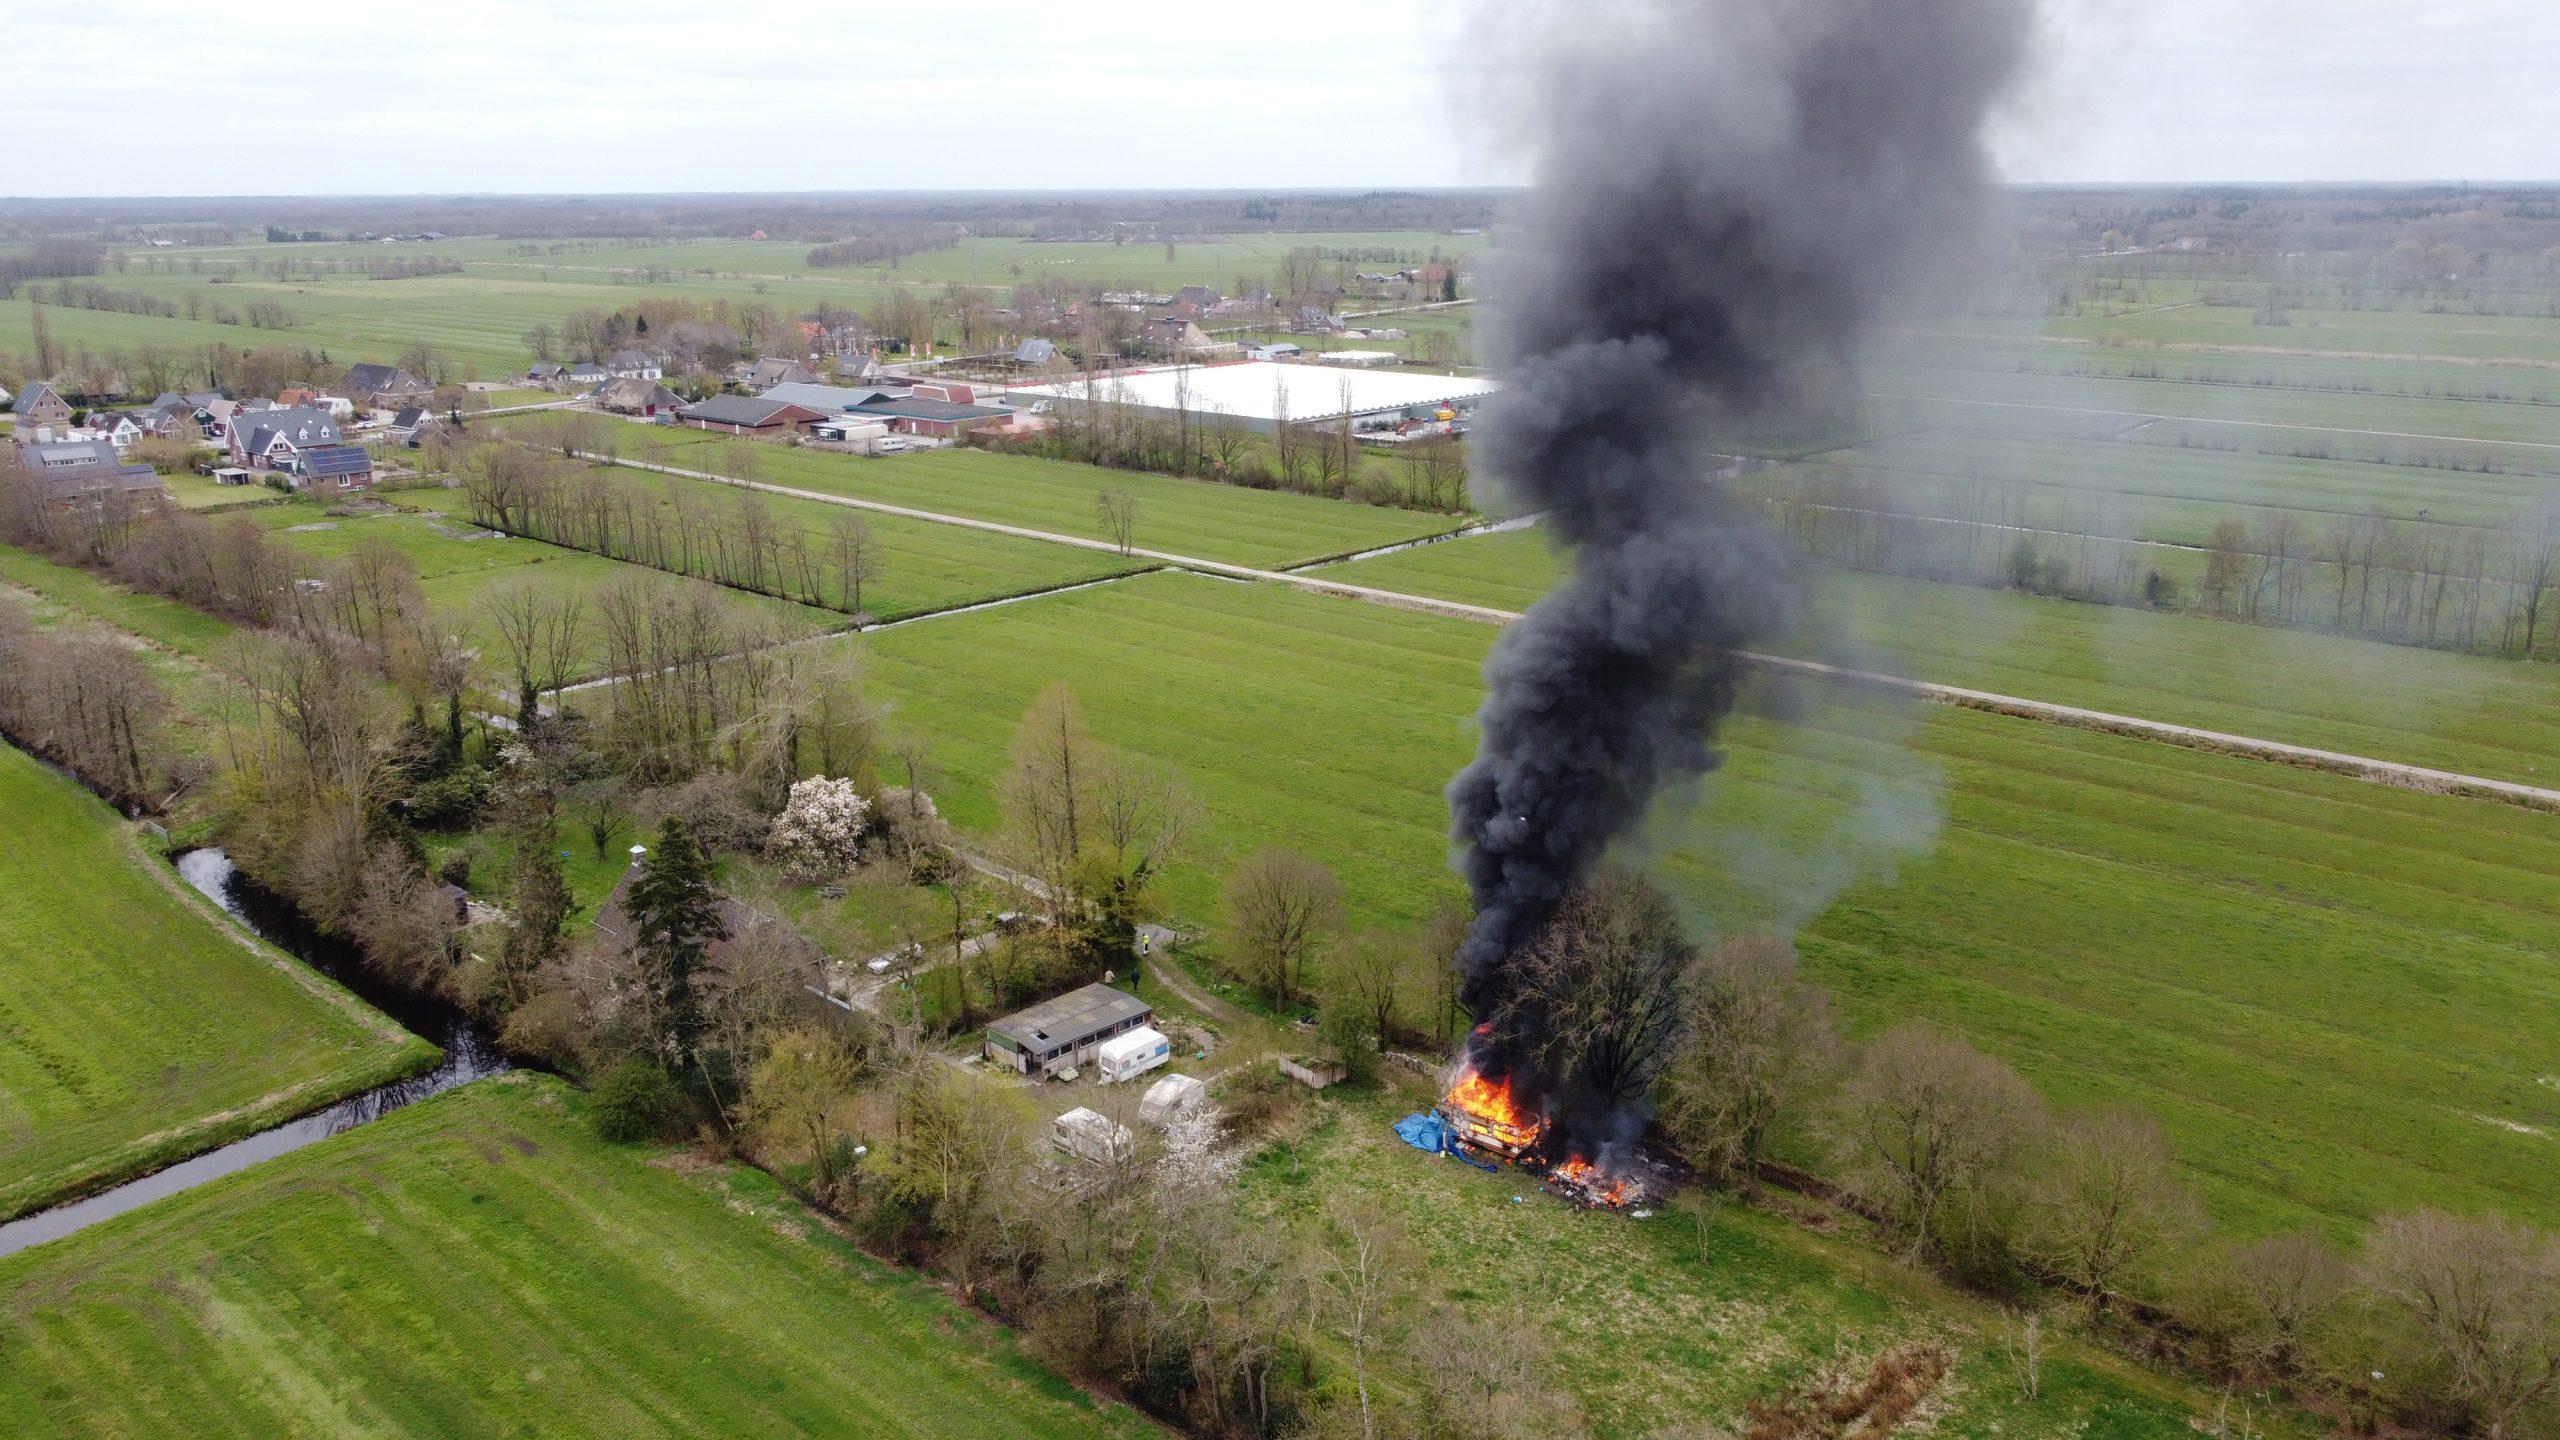 Flinke rookontwikkeling bij uitslaande Caravan brand één aanhouding